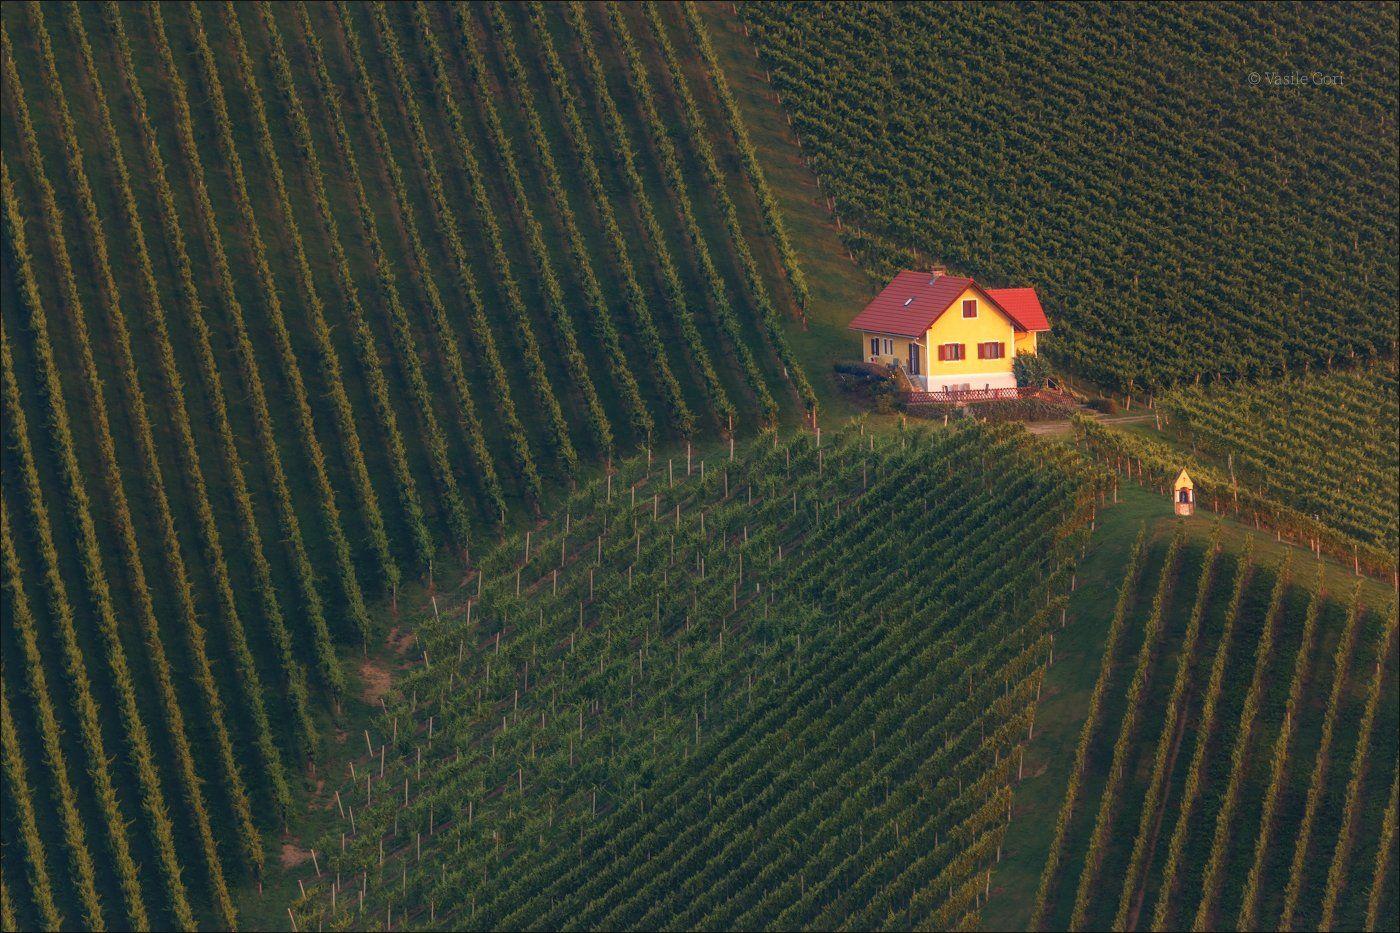 свет,österreich,лето,штирия,домик,австрия,виноградники,gamlitz,sernau,landscape, Василий Гори.